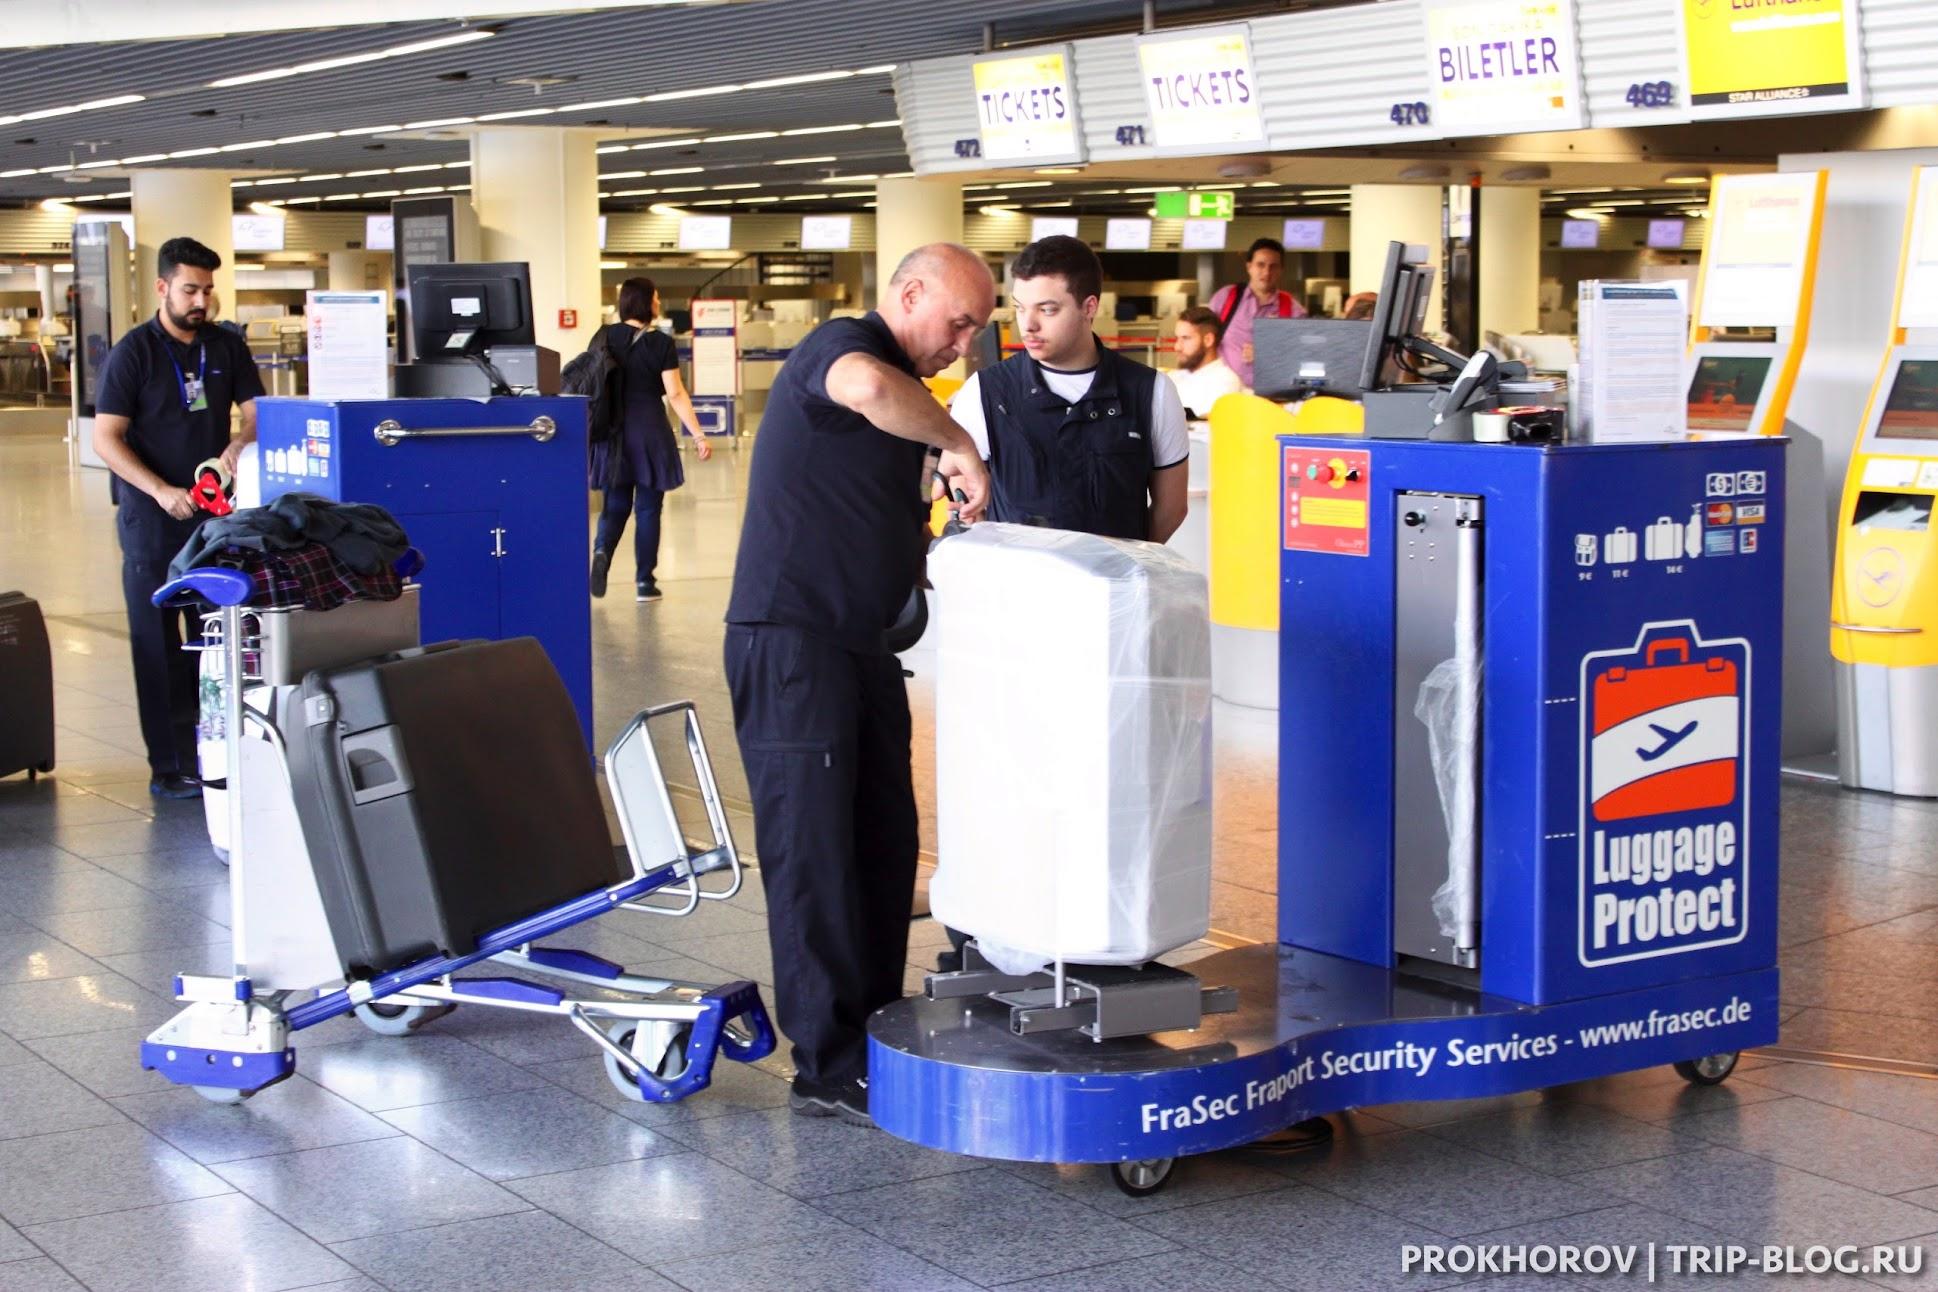 упаковки багажа в аэропорту Франкфурт